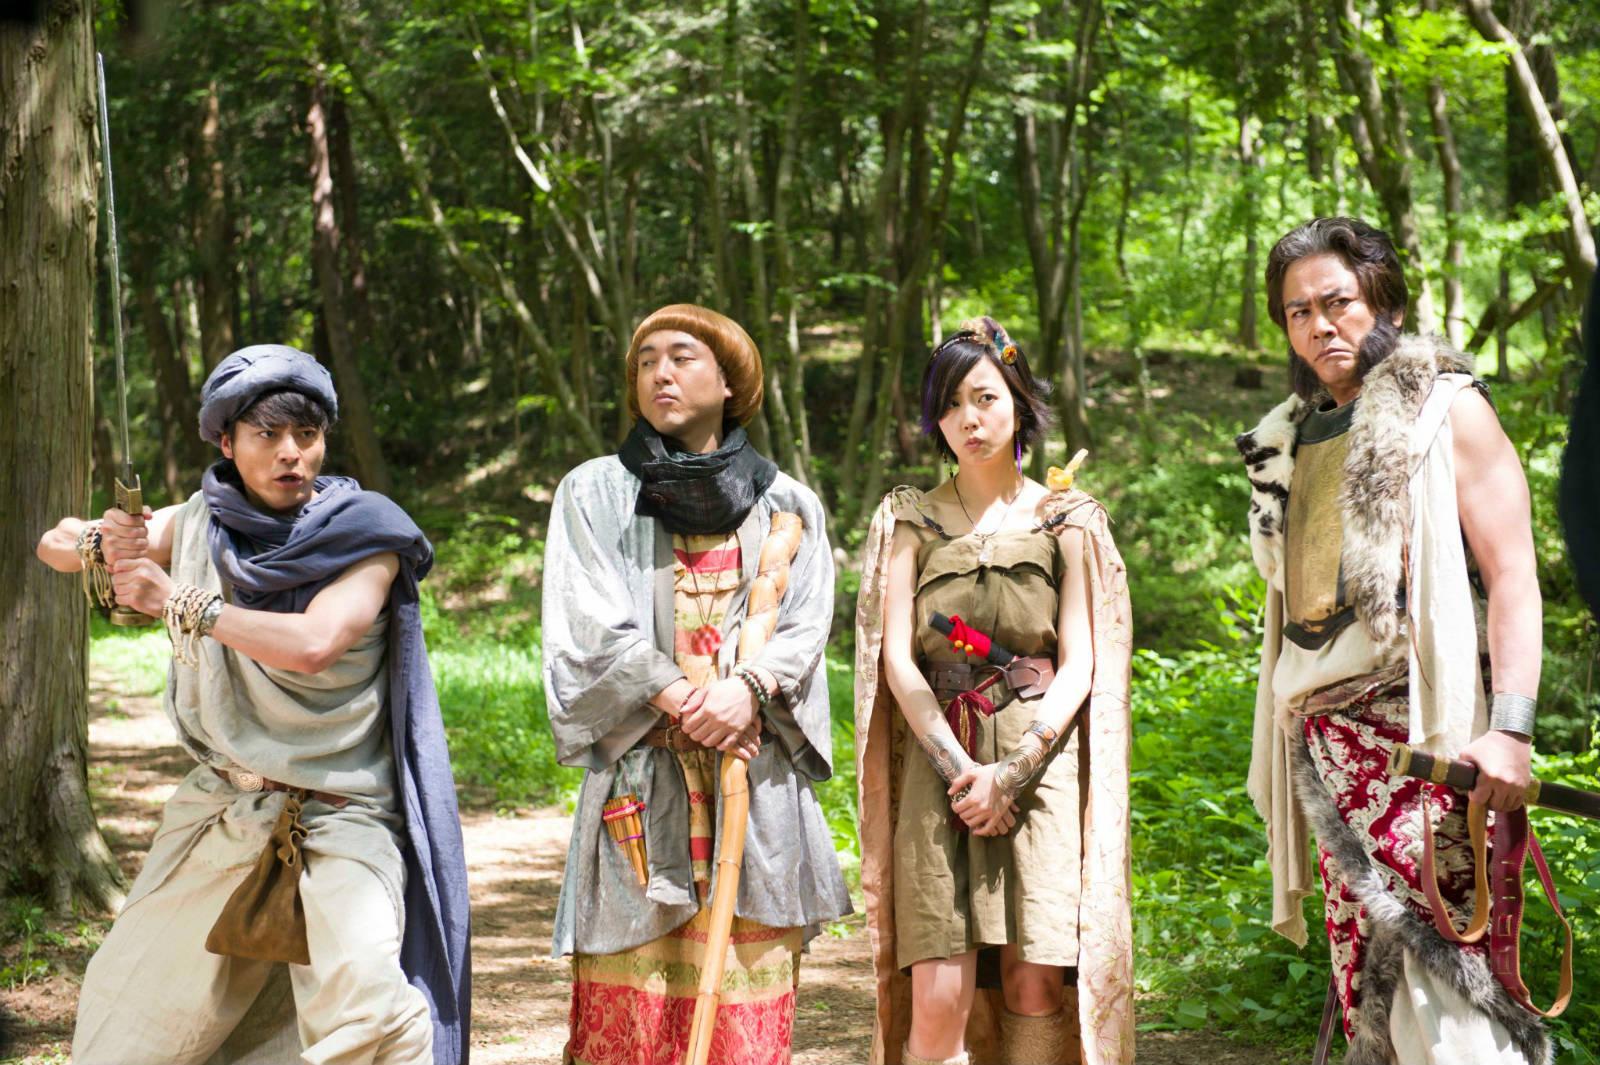 日劇「勇者義彥與被引導的七人」劇照